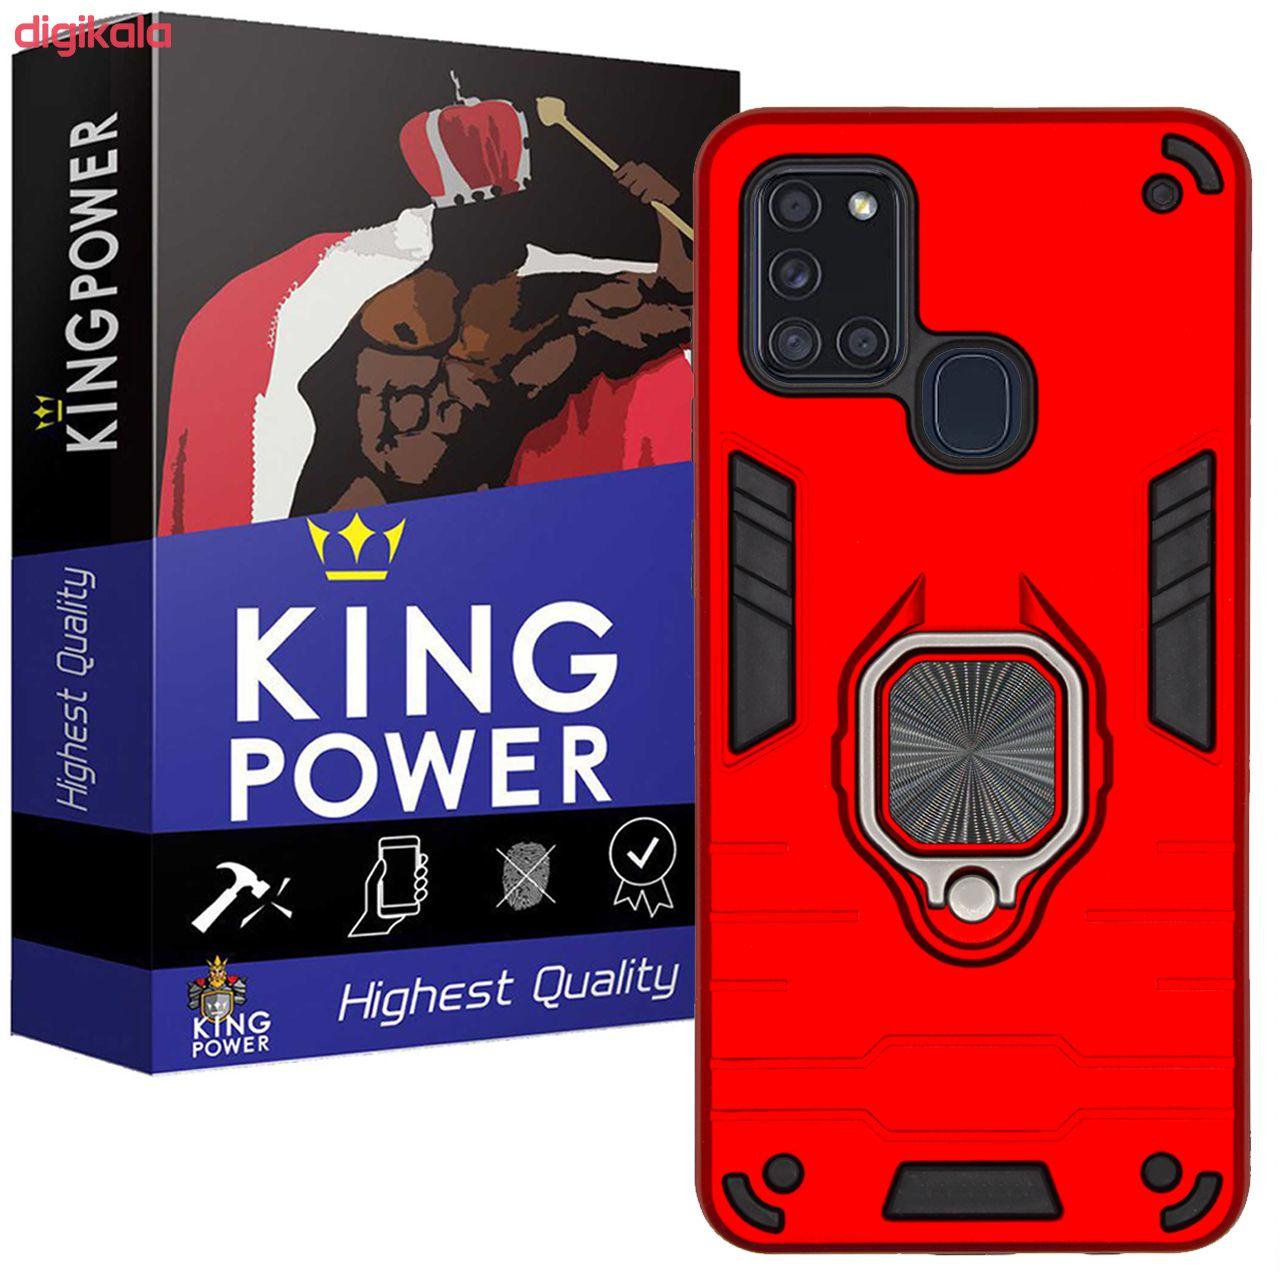 کاور کینگ پاور مدل ASH22 مناسب برای گوشی موبایل سامسونگ Galaxy A21S main 1 10